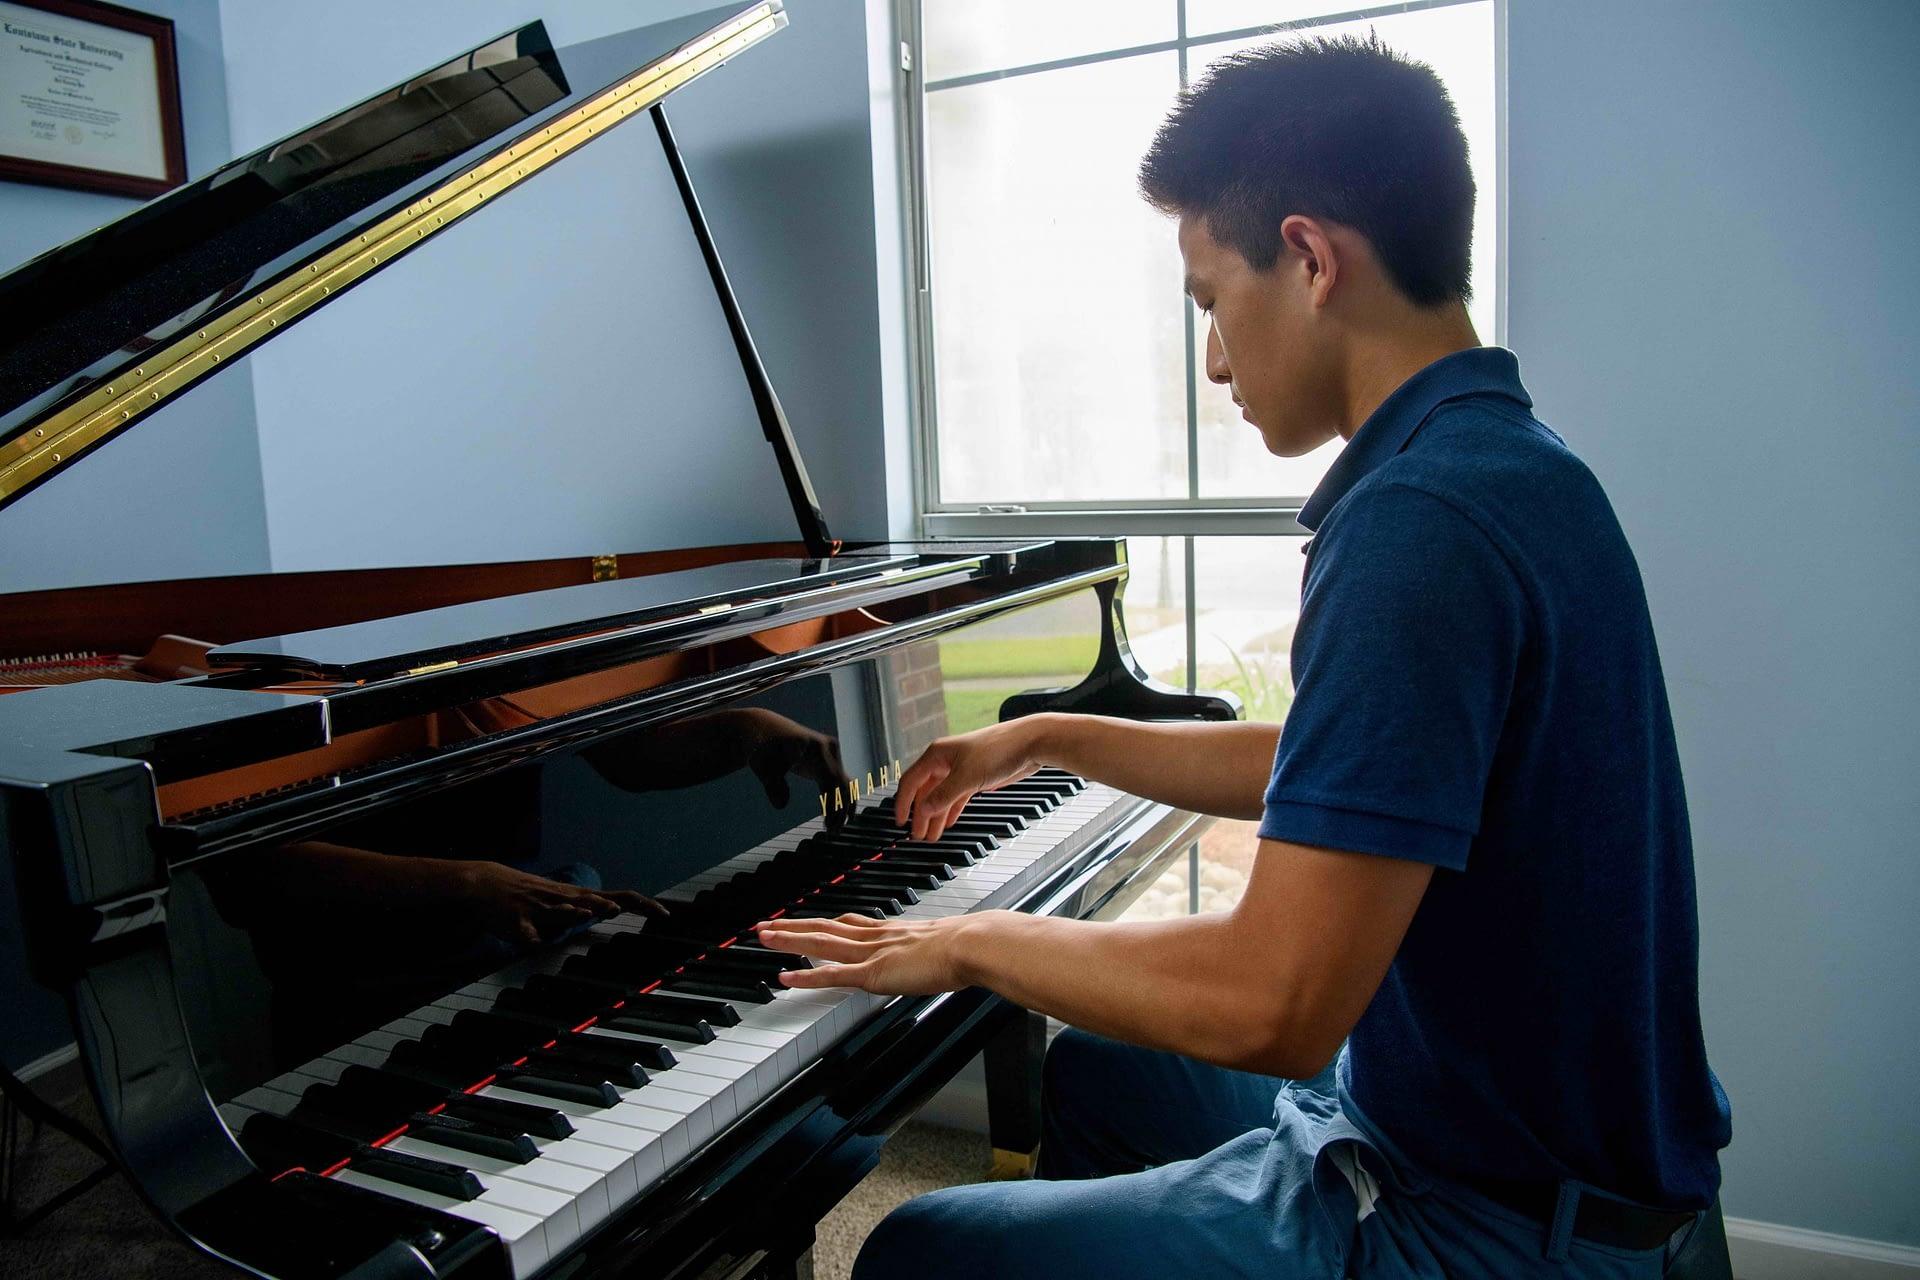 High school student piano lesson